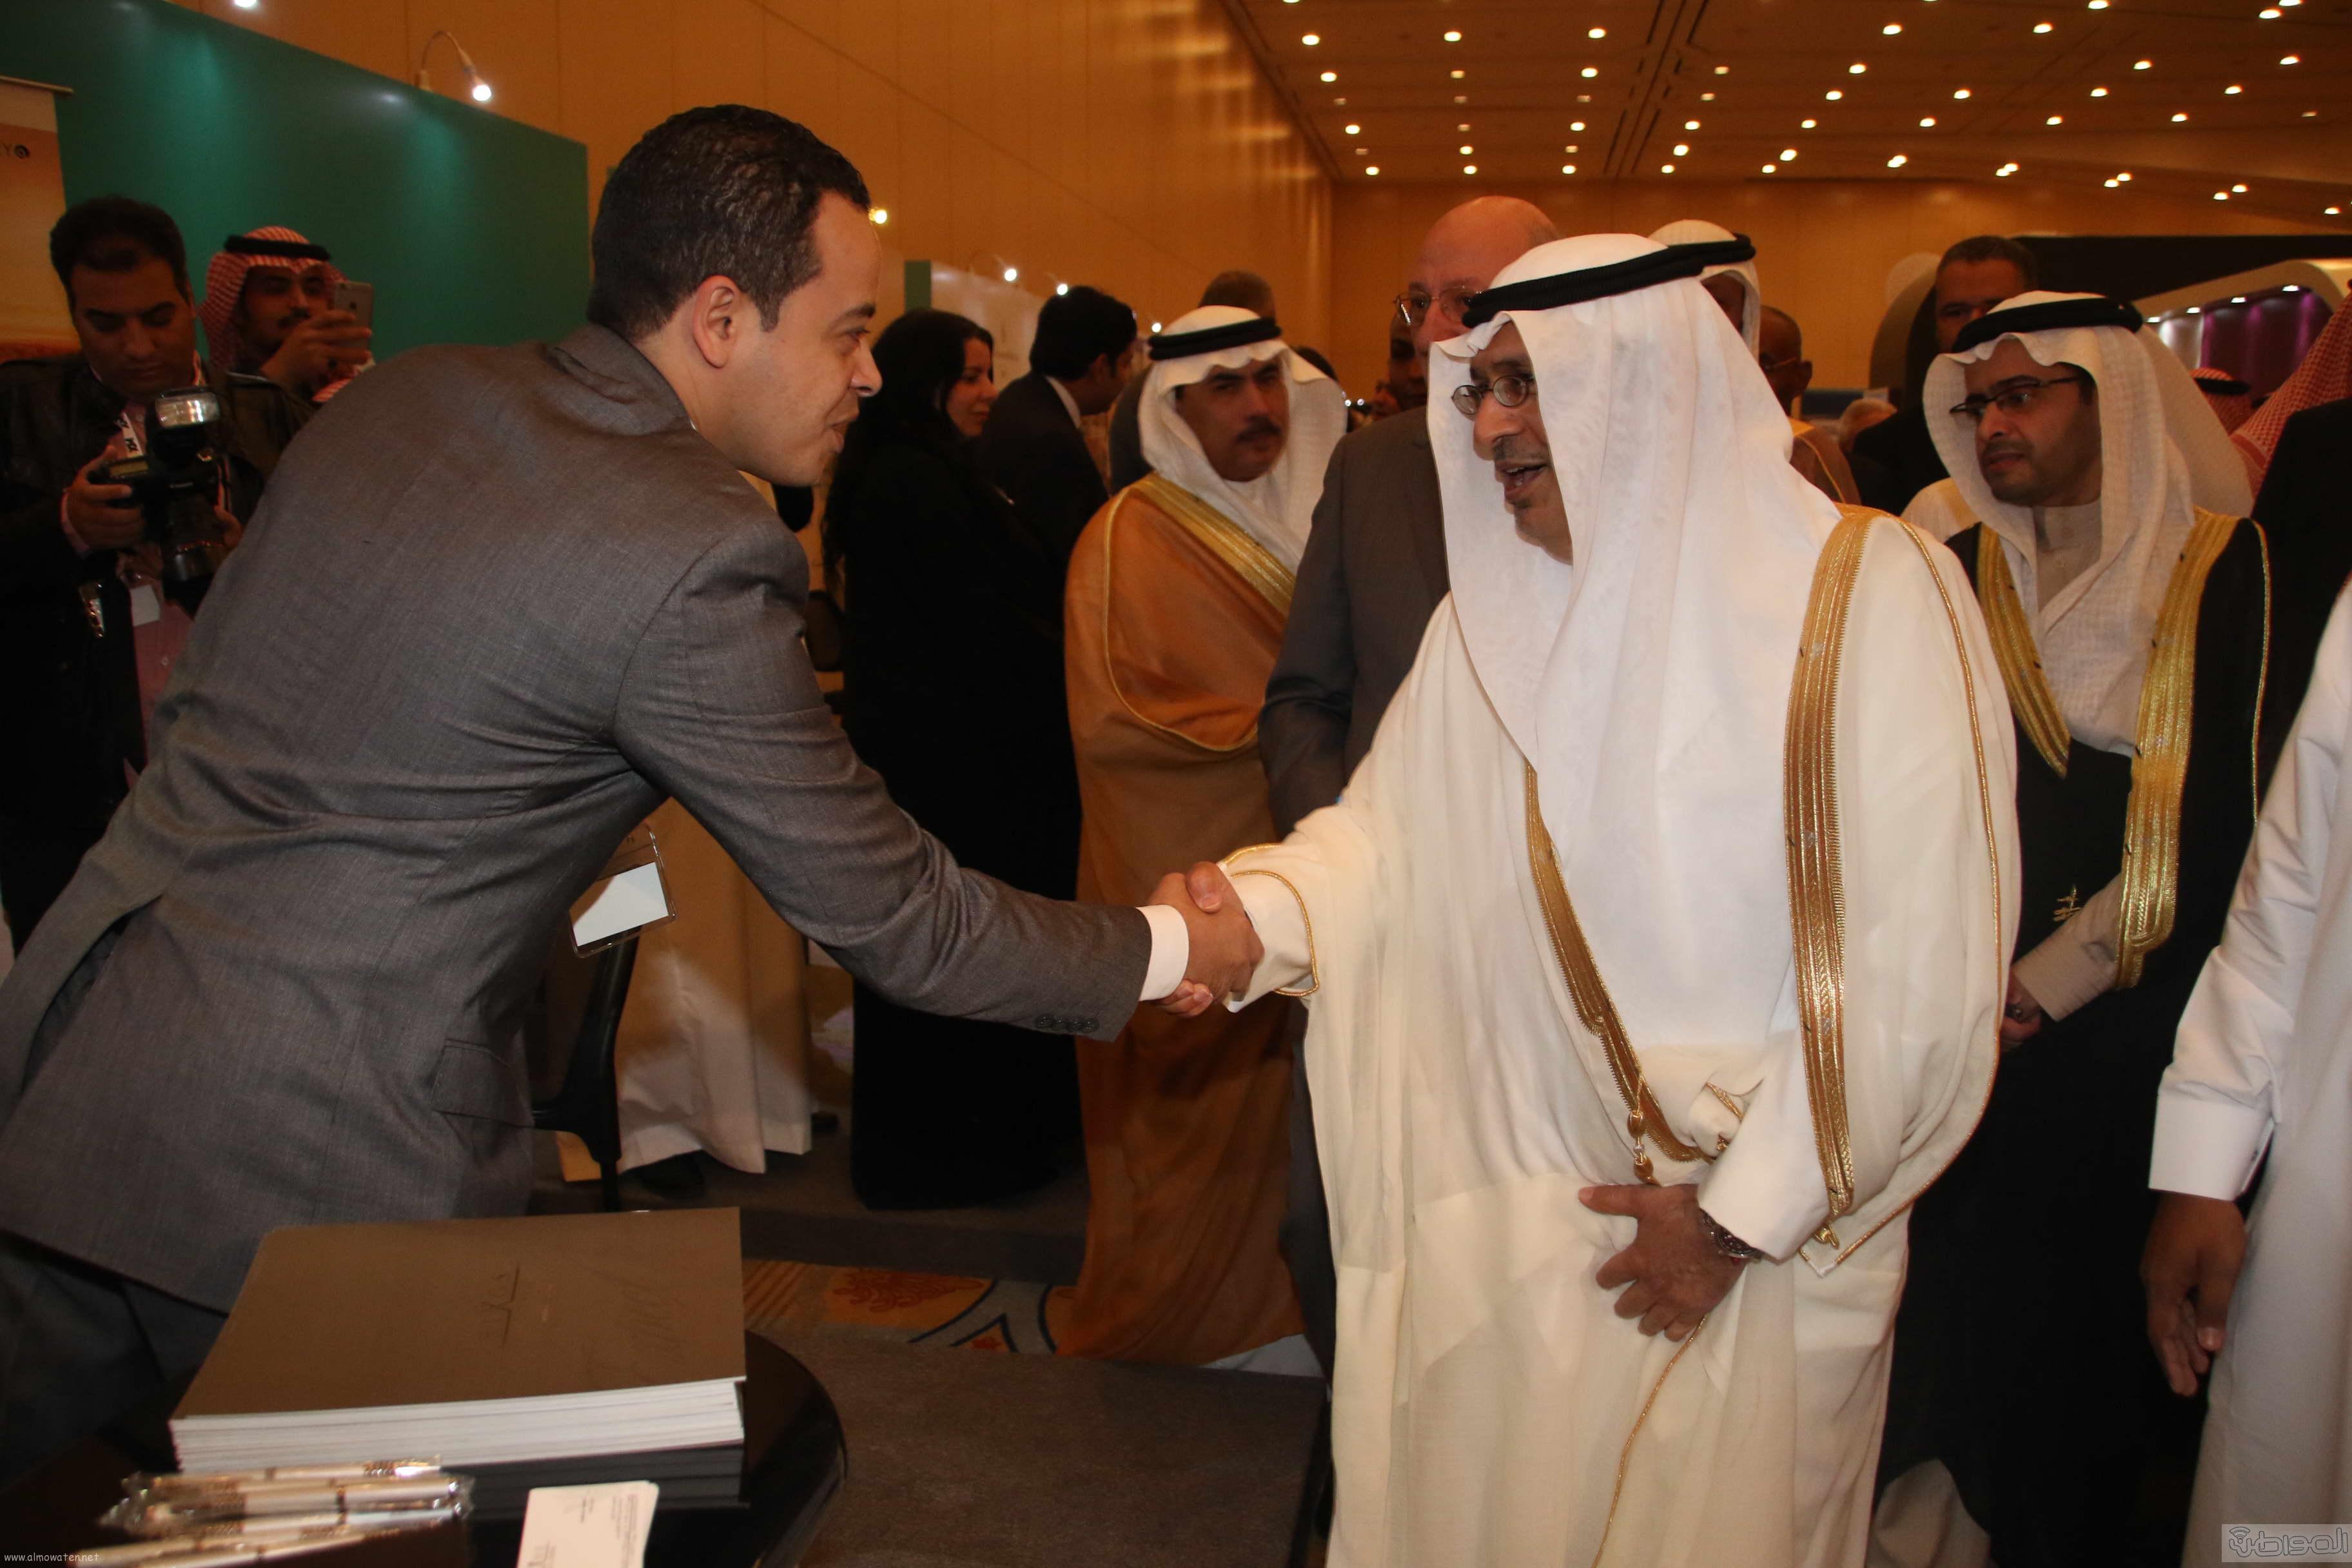 لقطات لتدشين الامير سيف الاسلام ملتقى رواد صناعة السياحة والسفر (2)